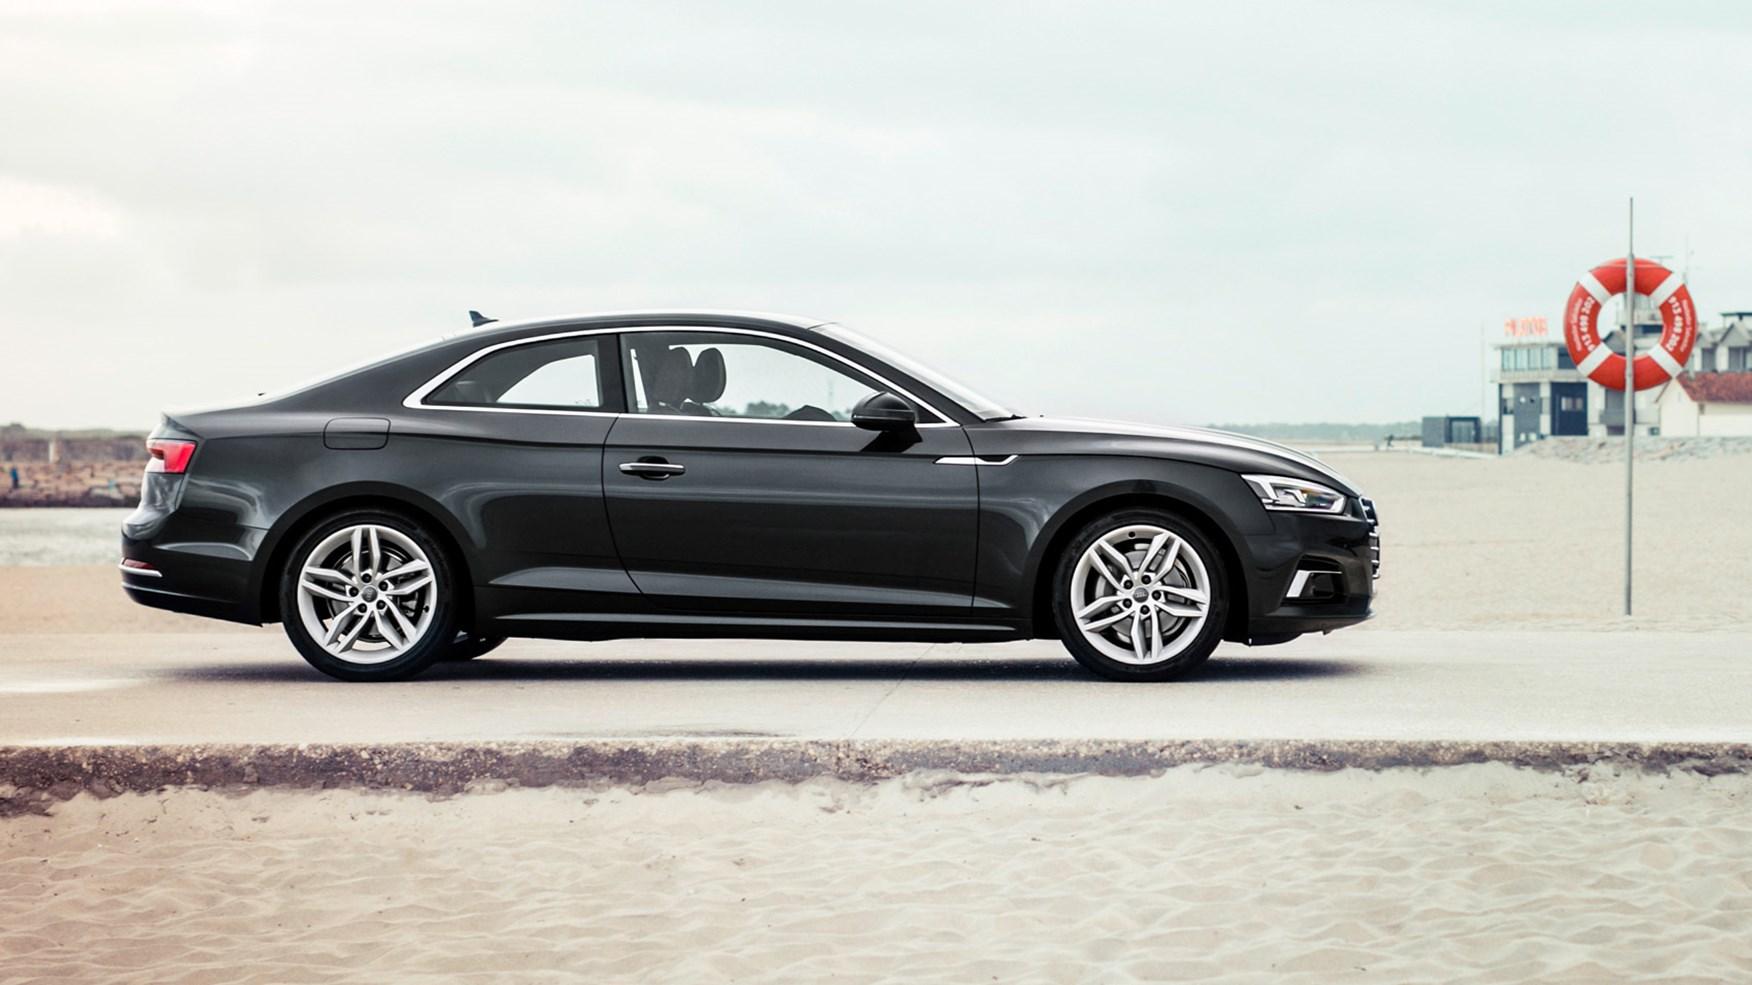 2018 Audi A5 Sportback  Features amp Specs  Audi USA